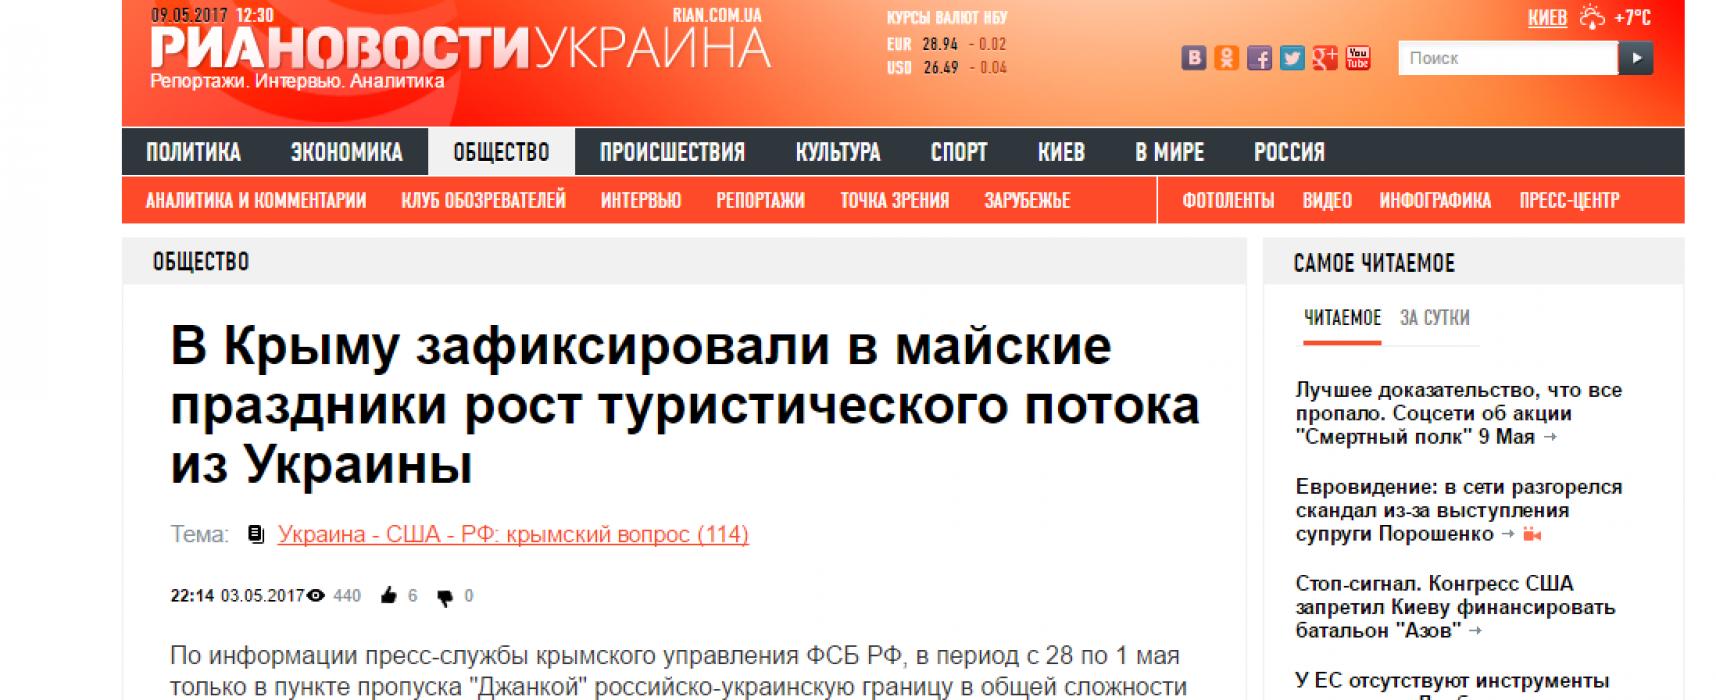 Фейк: Рекордно количество летовници от континентална Украйна отишли на почивка в Крим за майските празници